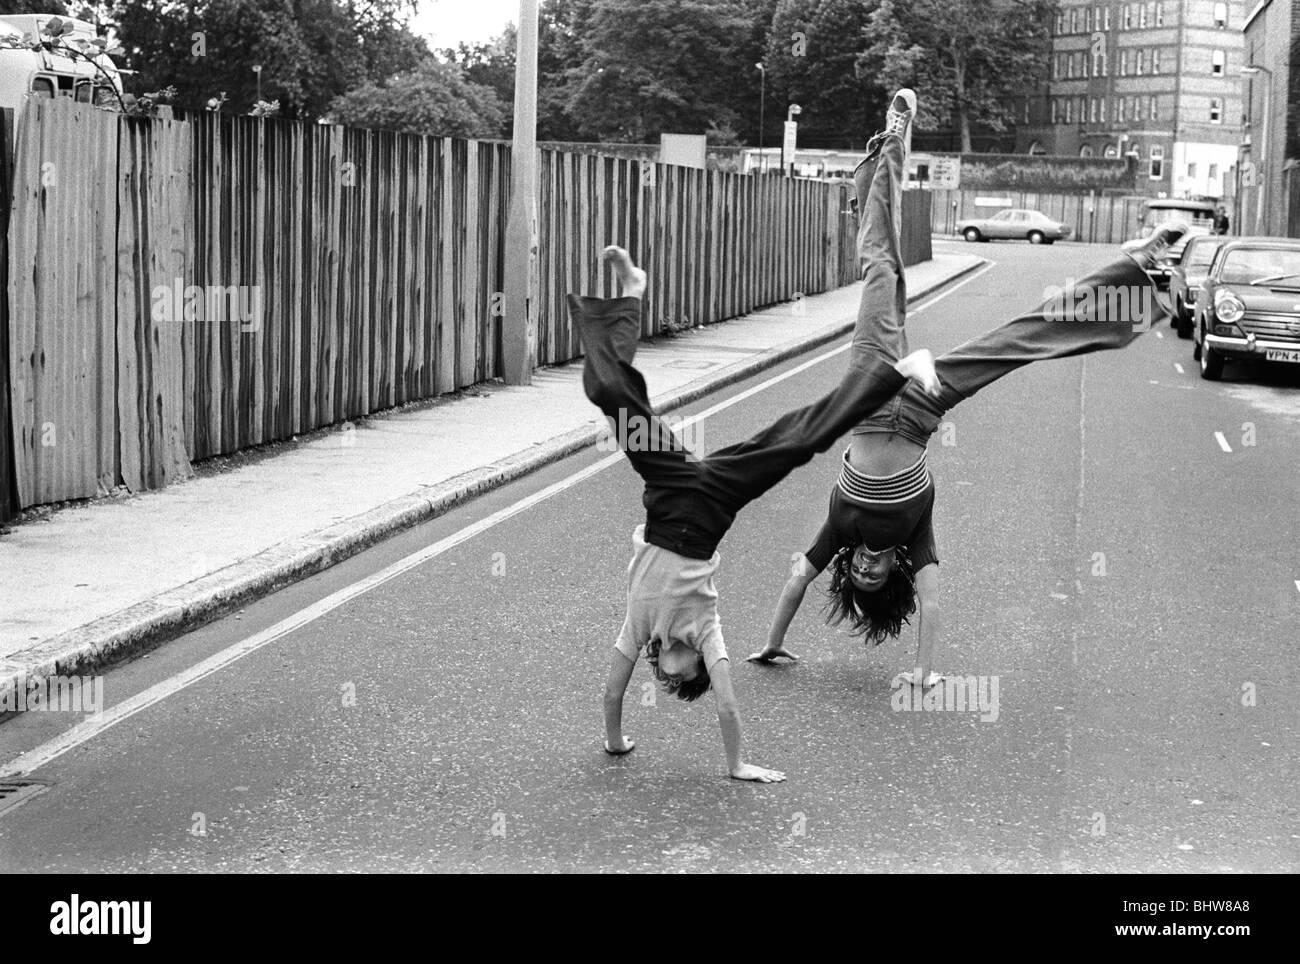 Le ragazze adolescenti la riproduzione ruotando cartwheels in strada. Elephant and Castle South London 1970S UK Immagini Stock